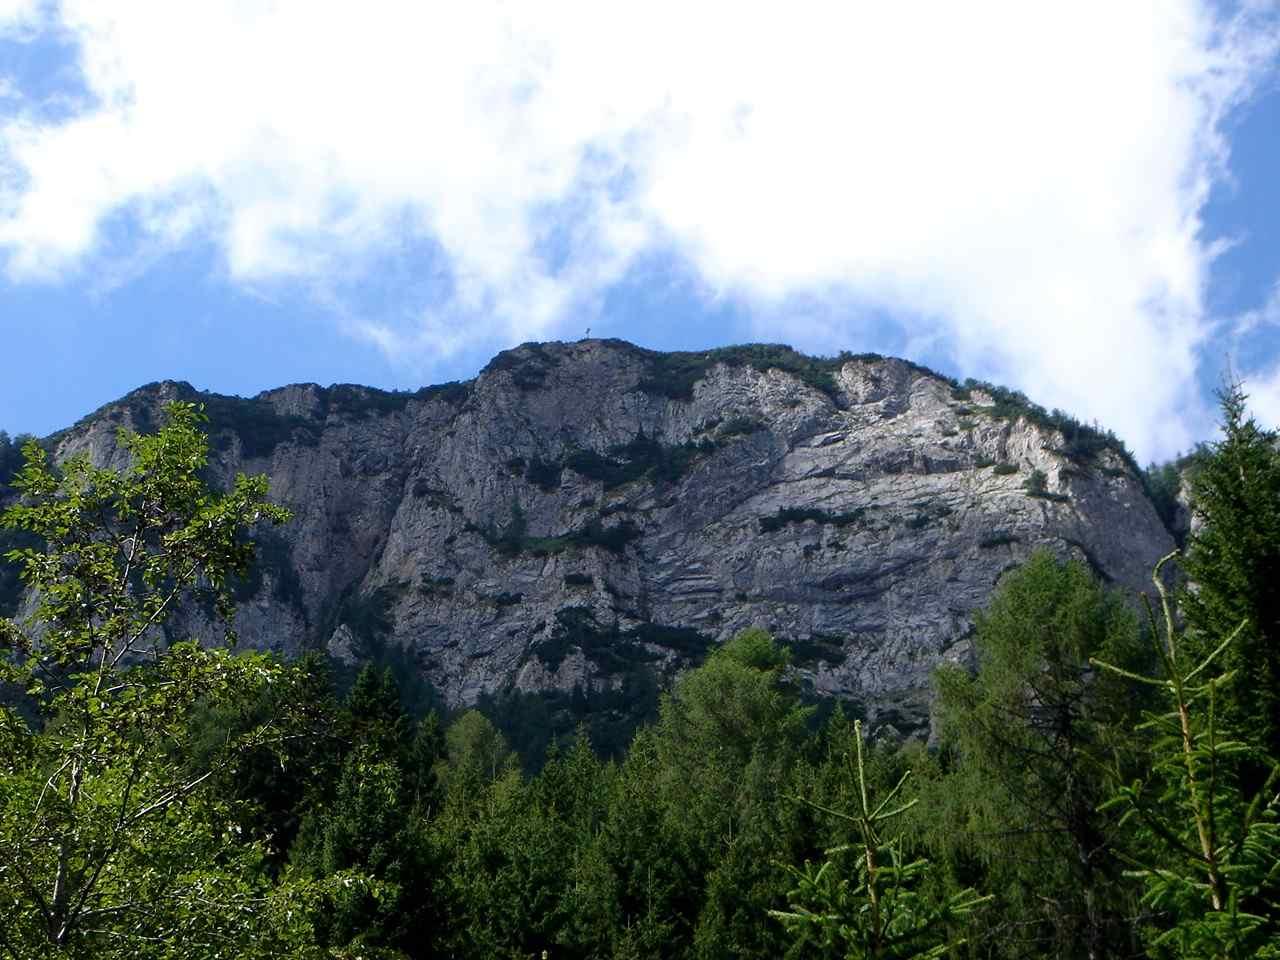 Foto: Manfred Karl / Wander Tour / Über den Krainersteig auf den Kärntner Storschitz / Die steile Ostseite des Storschitz. / 03.06.2007 18:11:36